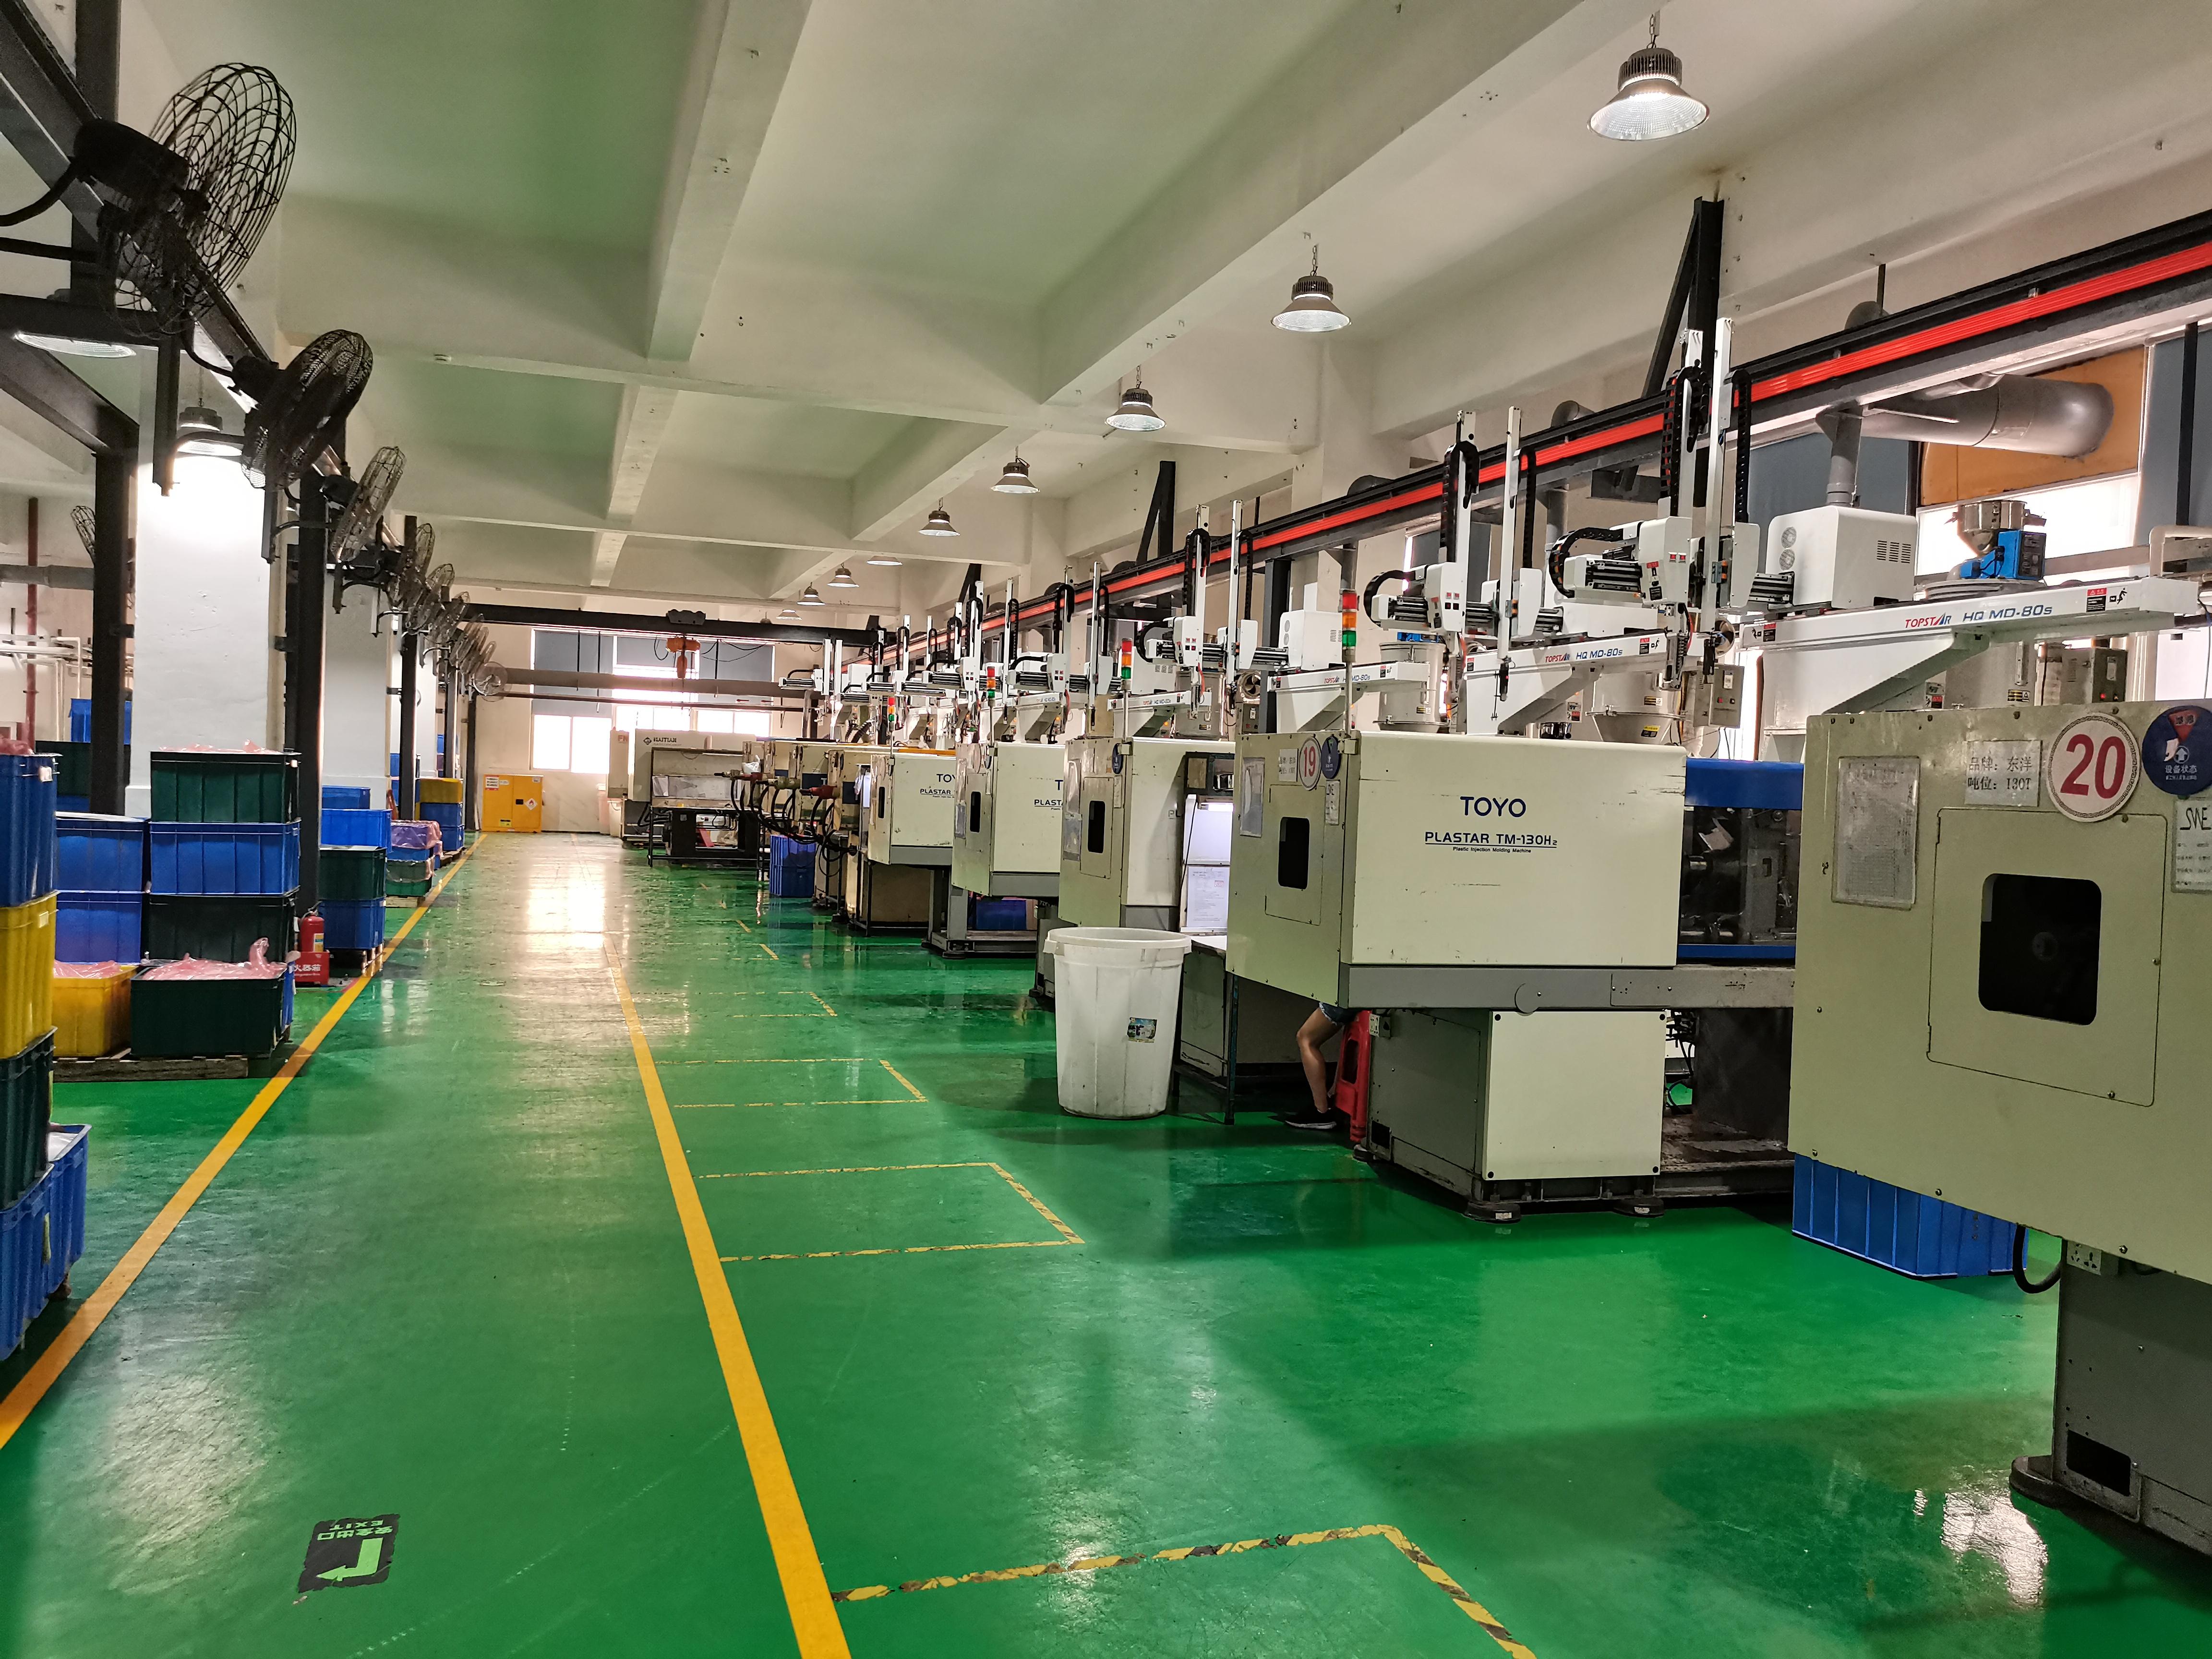 Warsztat fabryczny (3) .jpg